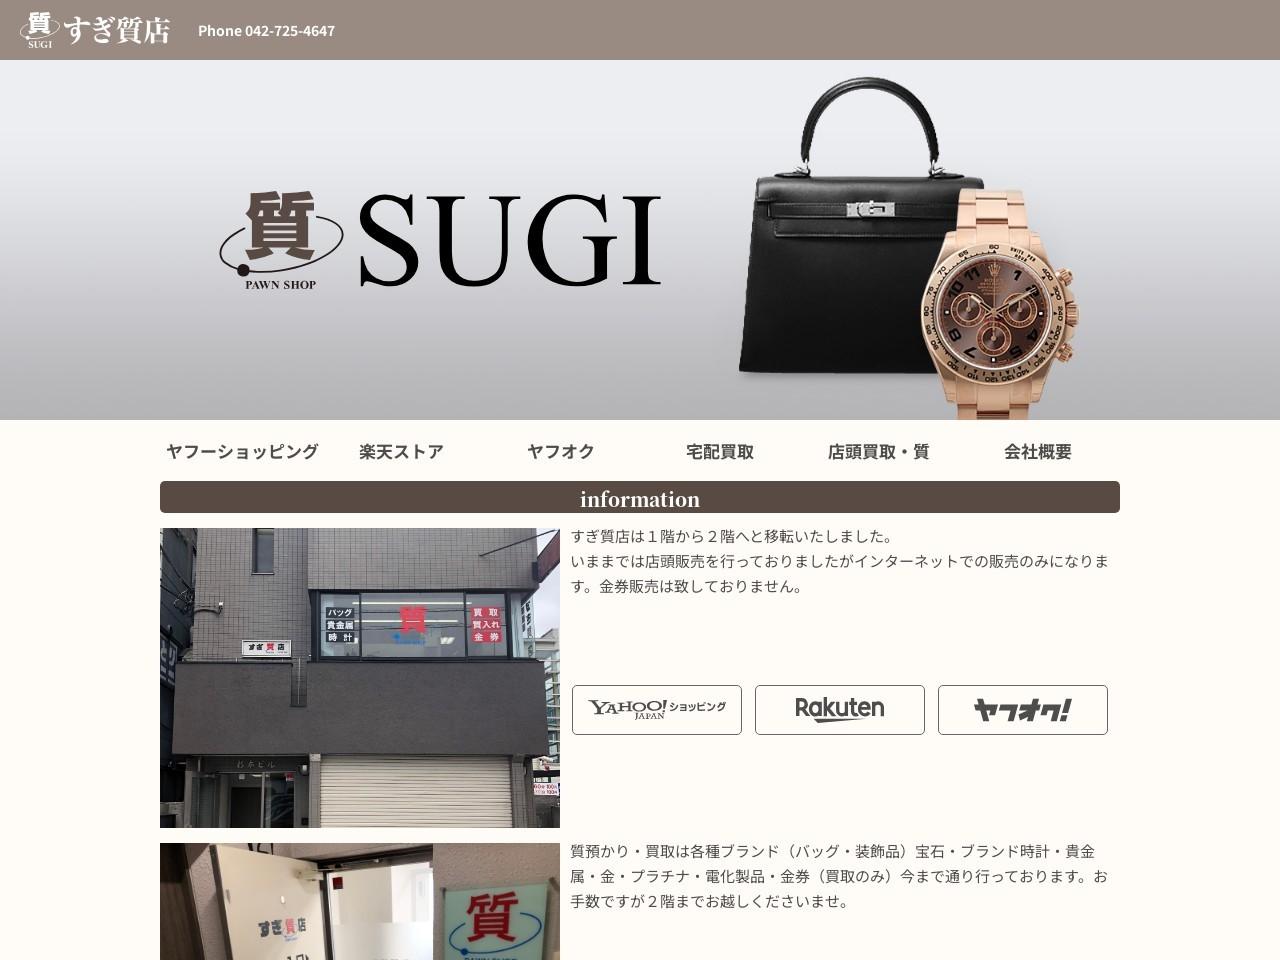 ブランドショップSUGI | 町田 | ブランド買取 | 無料査定 | 無料宅配買取 | ブランド販売